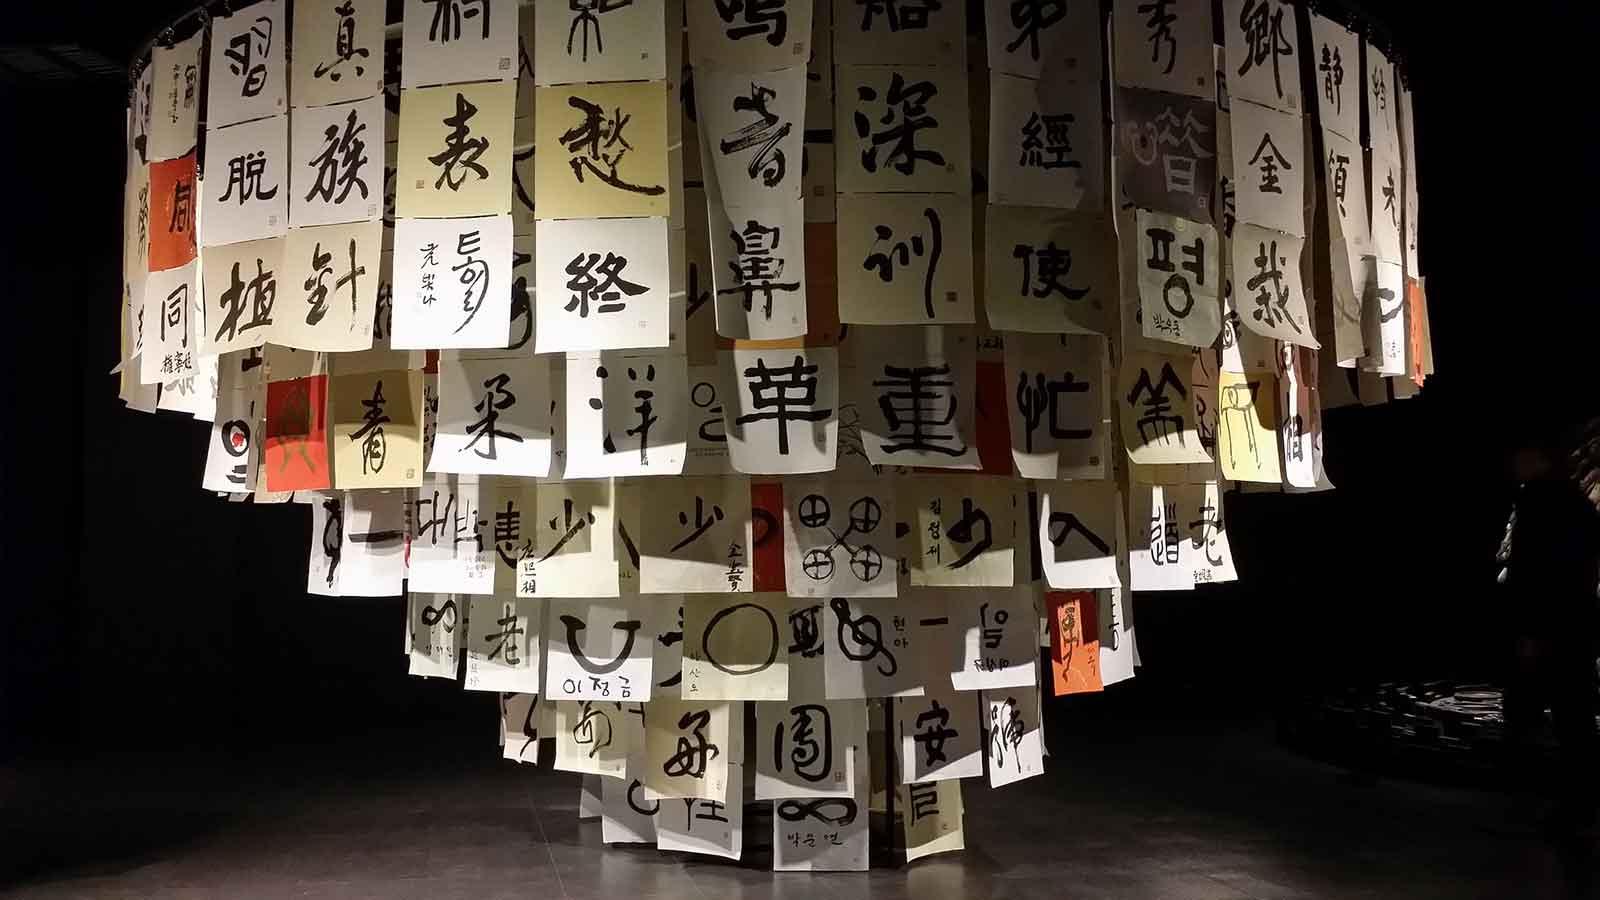 북경어 vs 광동어 차이점 어떤 중국어 배울까?